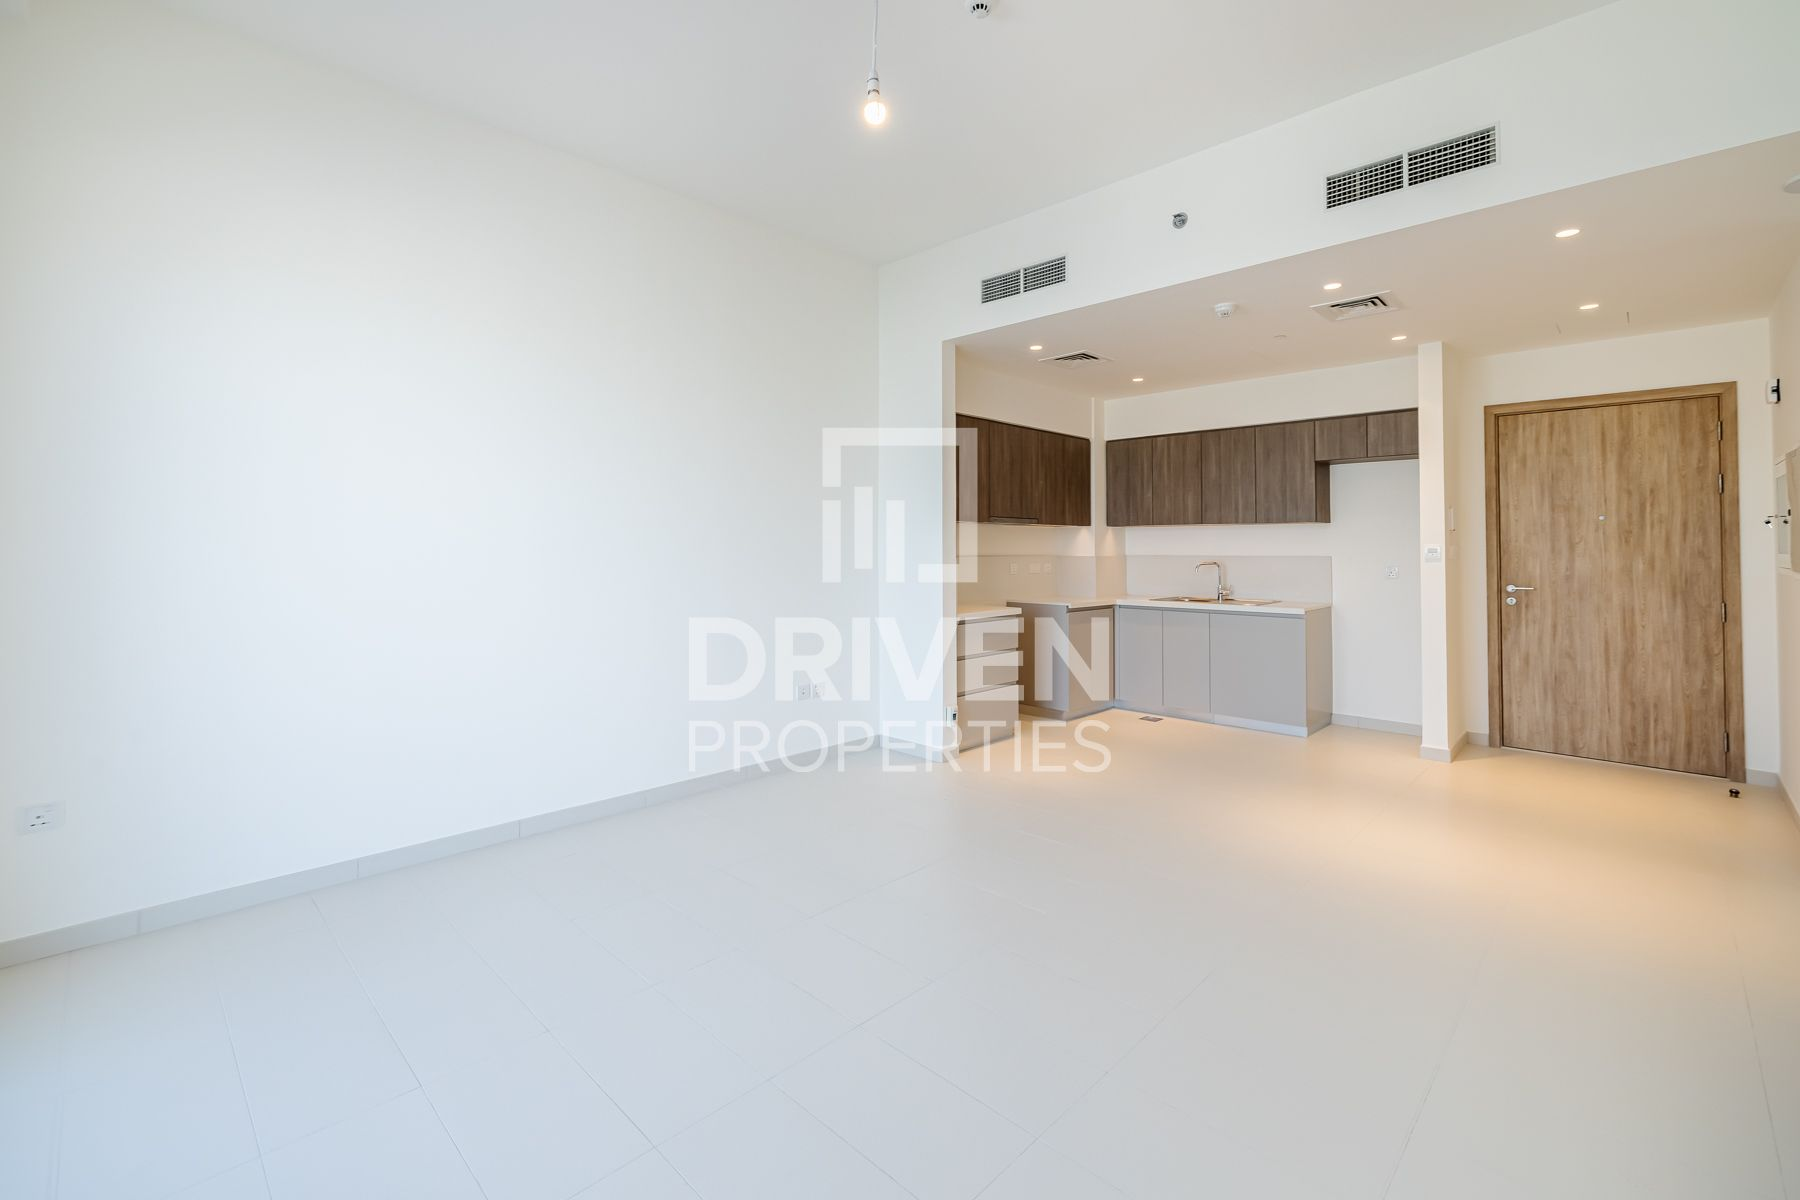 651 قدم مربع  شقة - للايجار - دبي هيلز استيت